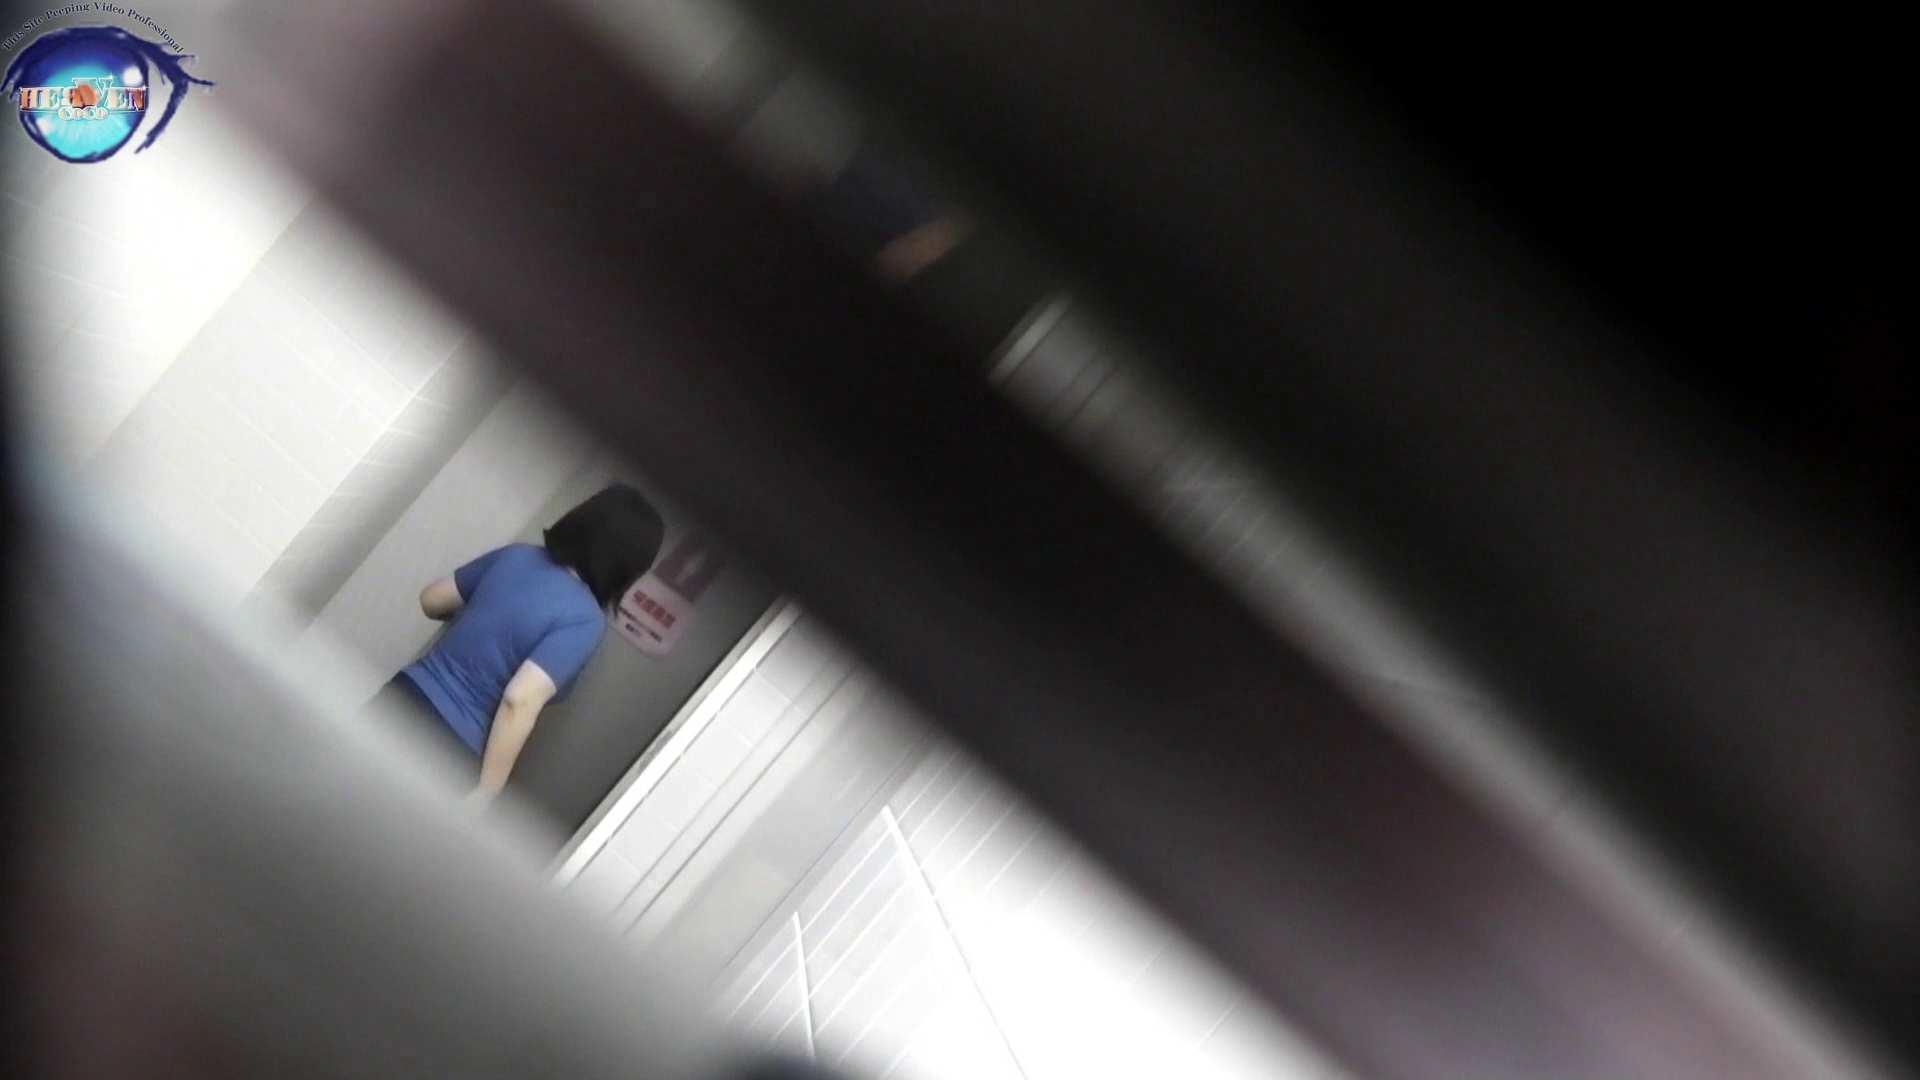 無料アダルト動画:洗面所突入レポート!!お銀 vol.68 無謀に通路に飛び出て一番明るいフロント撮り実現 後編:のぞき本舗 中村屋